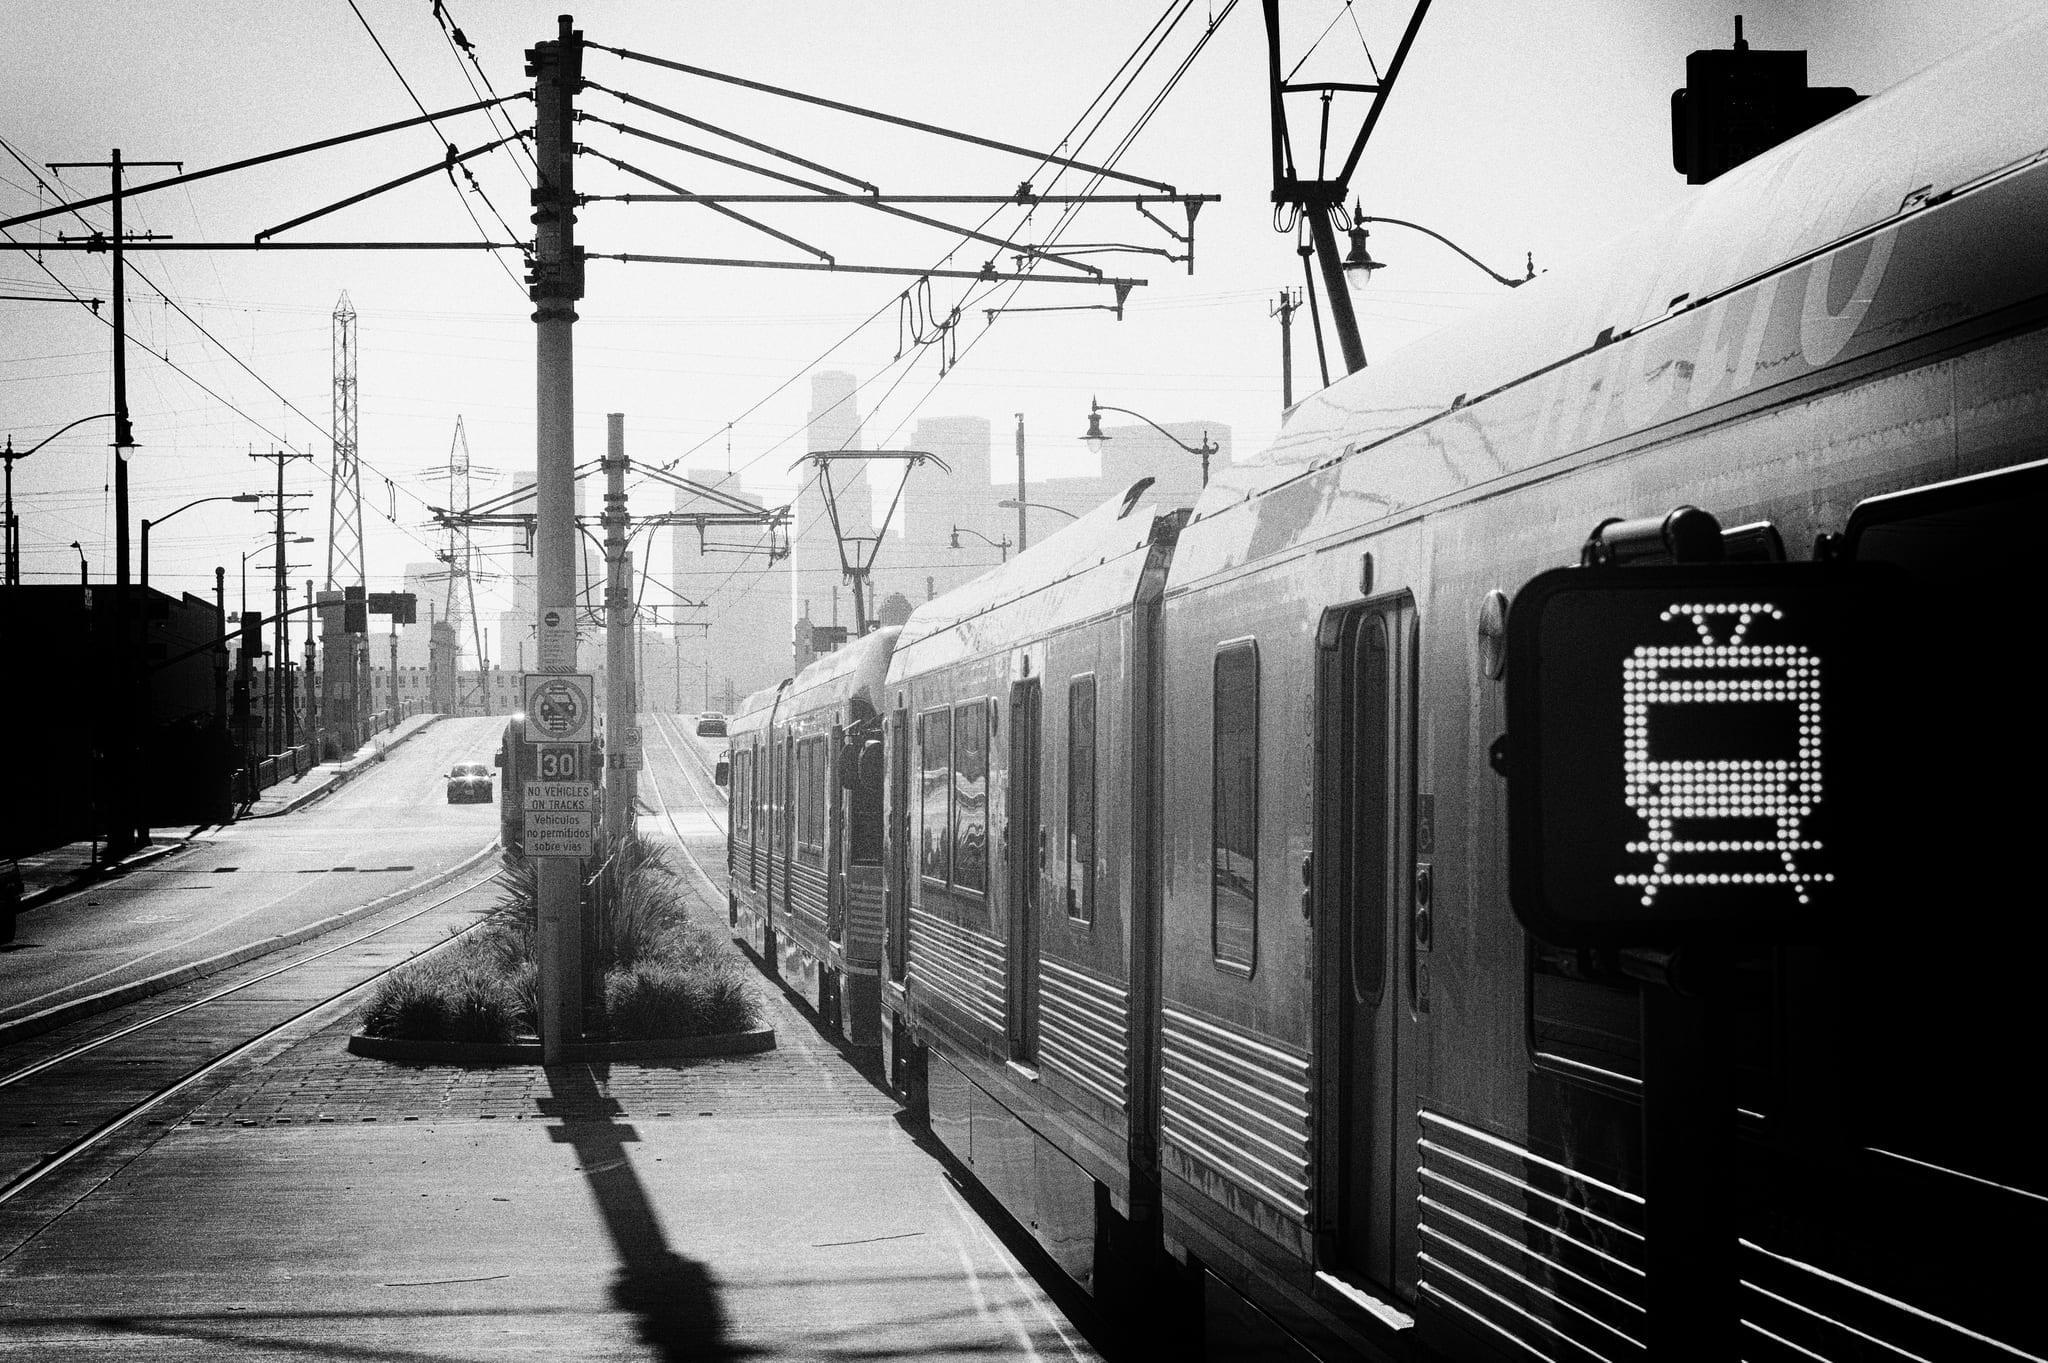 An Eastside Gold Line headed toward DTLA. Photo by Steve Hymon/Metro.